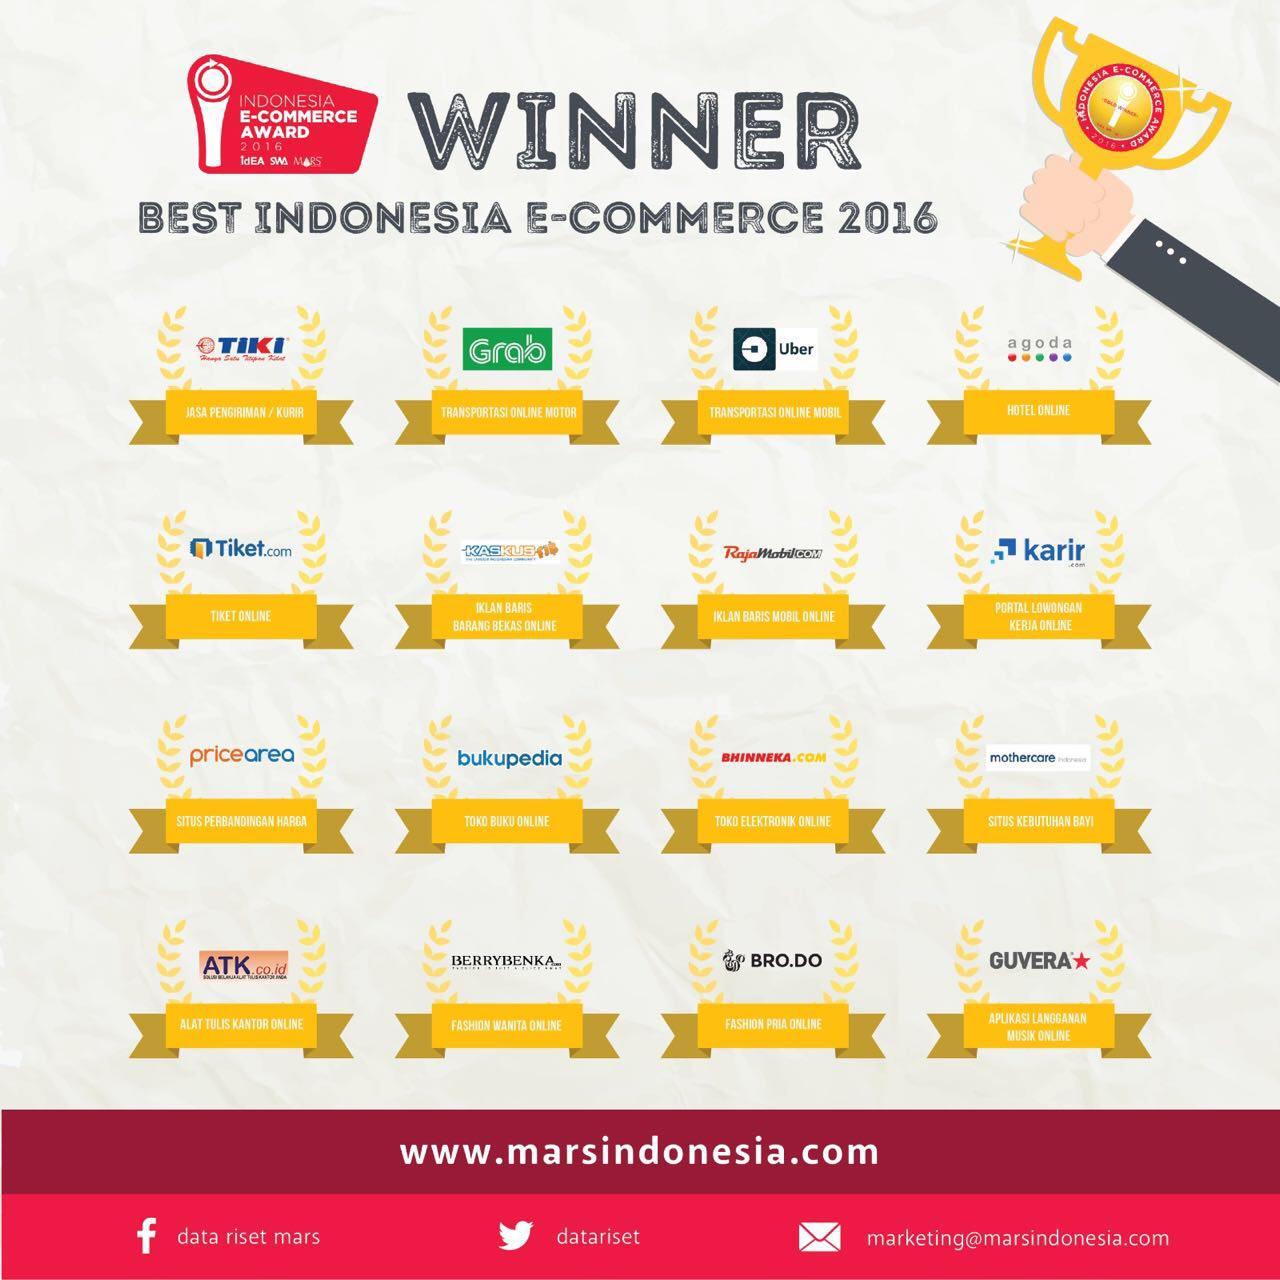 marsindonesia-com-nov-2016-1